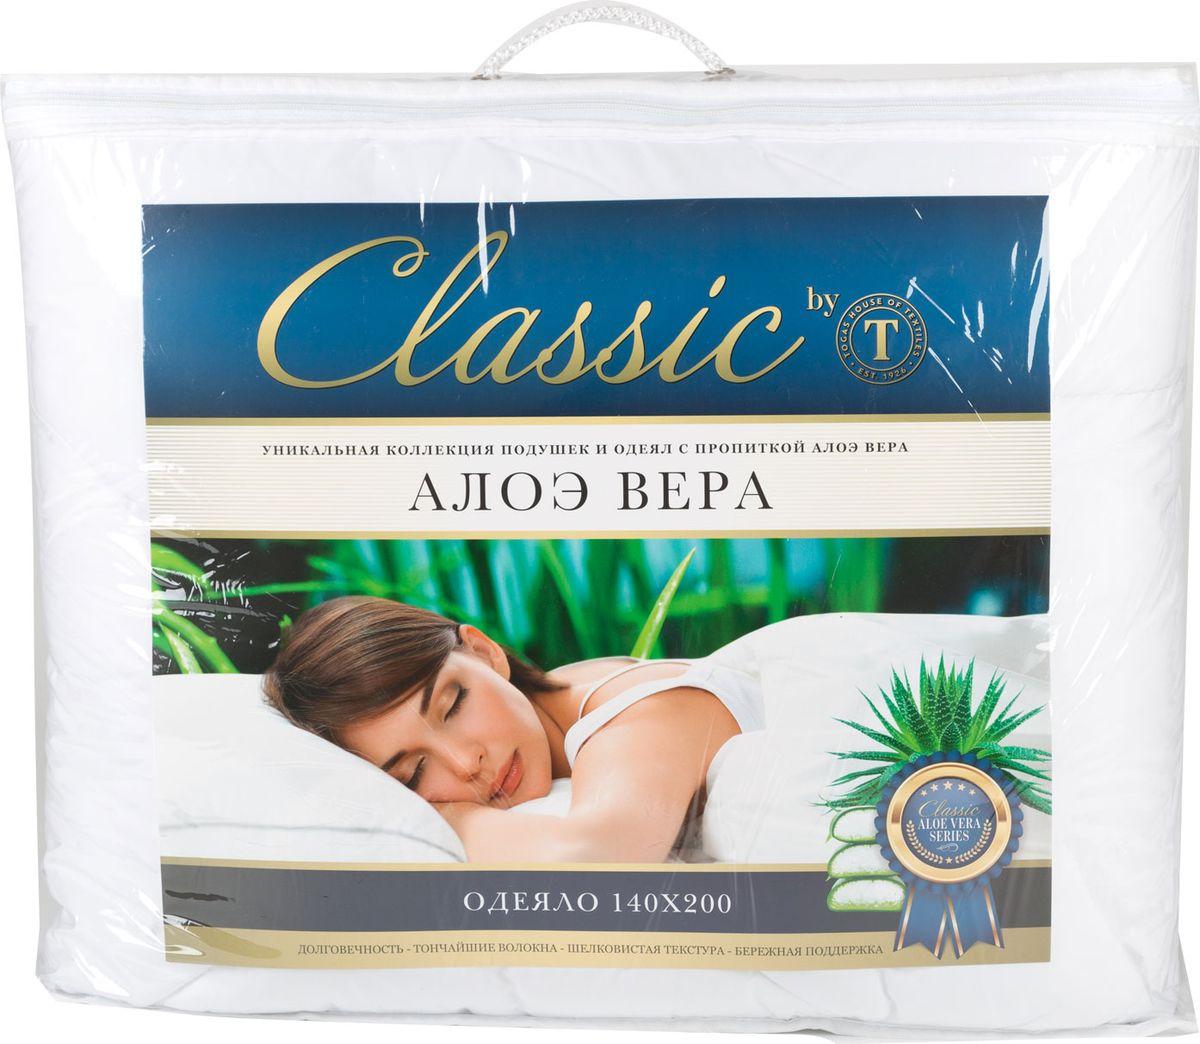 Одеяло Classic by Togas Алоэ вера, наполнитель: синтетический пух, 140 х 200 см42.431Одеяло Classic by Togas Алоэ вера поможет расслабиться, снимет усталость и подарит вам спокойный и здоровый сон.Одеяло с синтетическим наполнителем необычайно легкое, пышное, обладает превосходными теплозащитными свойствами. Такой наполнитель отлично удерживает воздух и тепло, превосходно впитывает влагу и испаряет ее. Это экологически чистый материал с высокими гигиеническими и гипоаллергенными качествами, который к тому же очень практичен. Одеяло с таким наполнителем можно стирать дома, а сохнет оно почти моментально. Чехол одеяла сделан из высокотехнологичной ткани - микрофибры. Она приятна на ощупь и отличается высокой прочностью. Гель алоэ вера, которым пропитаны чехол и наполнитель, обладает уникальными свойствами: оказывает оздоравливающий и тонизирующий эффект, увлажняет кожу, способствует улучшению работы сердца, расслабляет и снимает напряжение в мышцах.